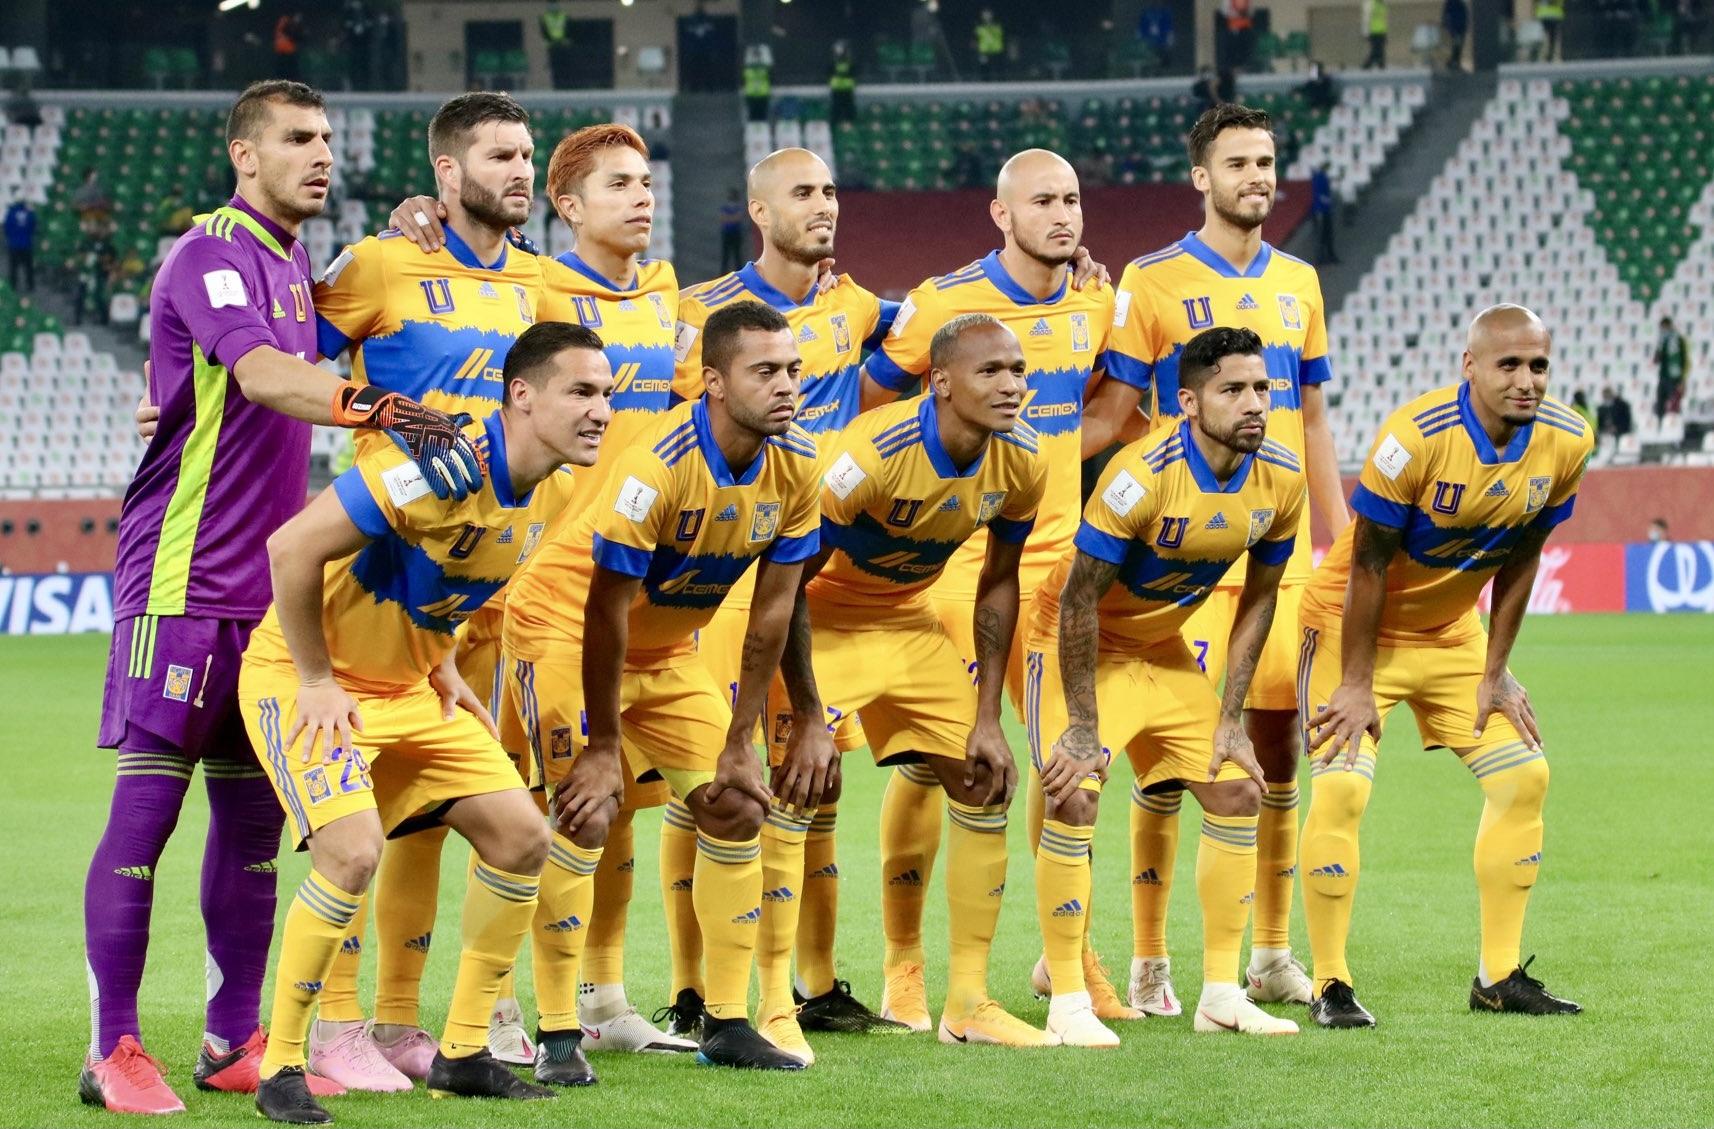 Tigres de la UANL hizo historia al llegar a la final del Mundial de Clubes